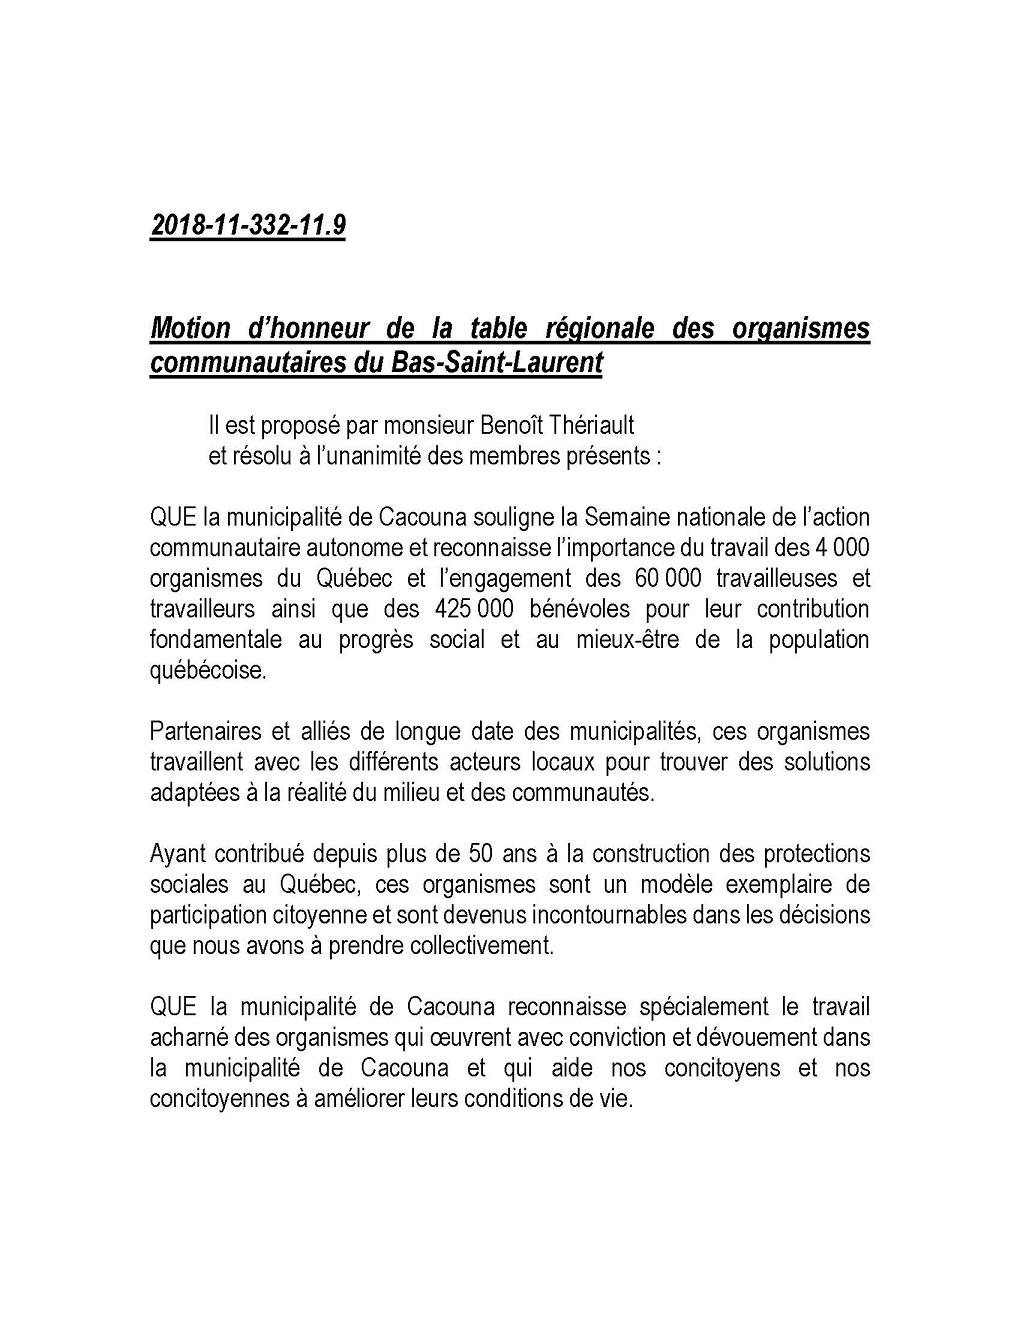 Motion d'honneur de la table régionale des organismes communautaires du Bas Saint Laurent (Auteur : Angélika)